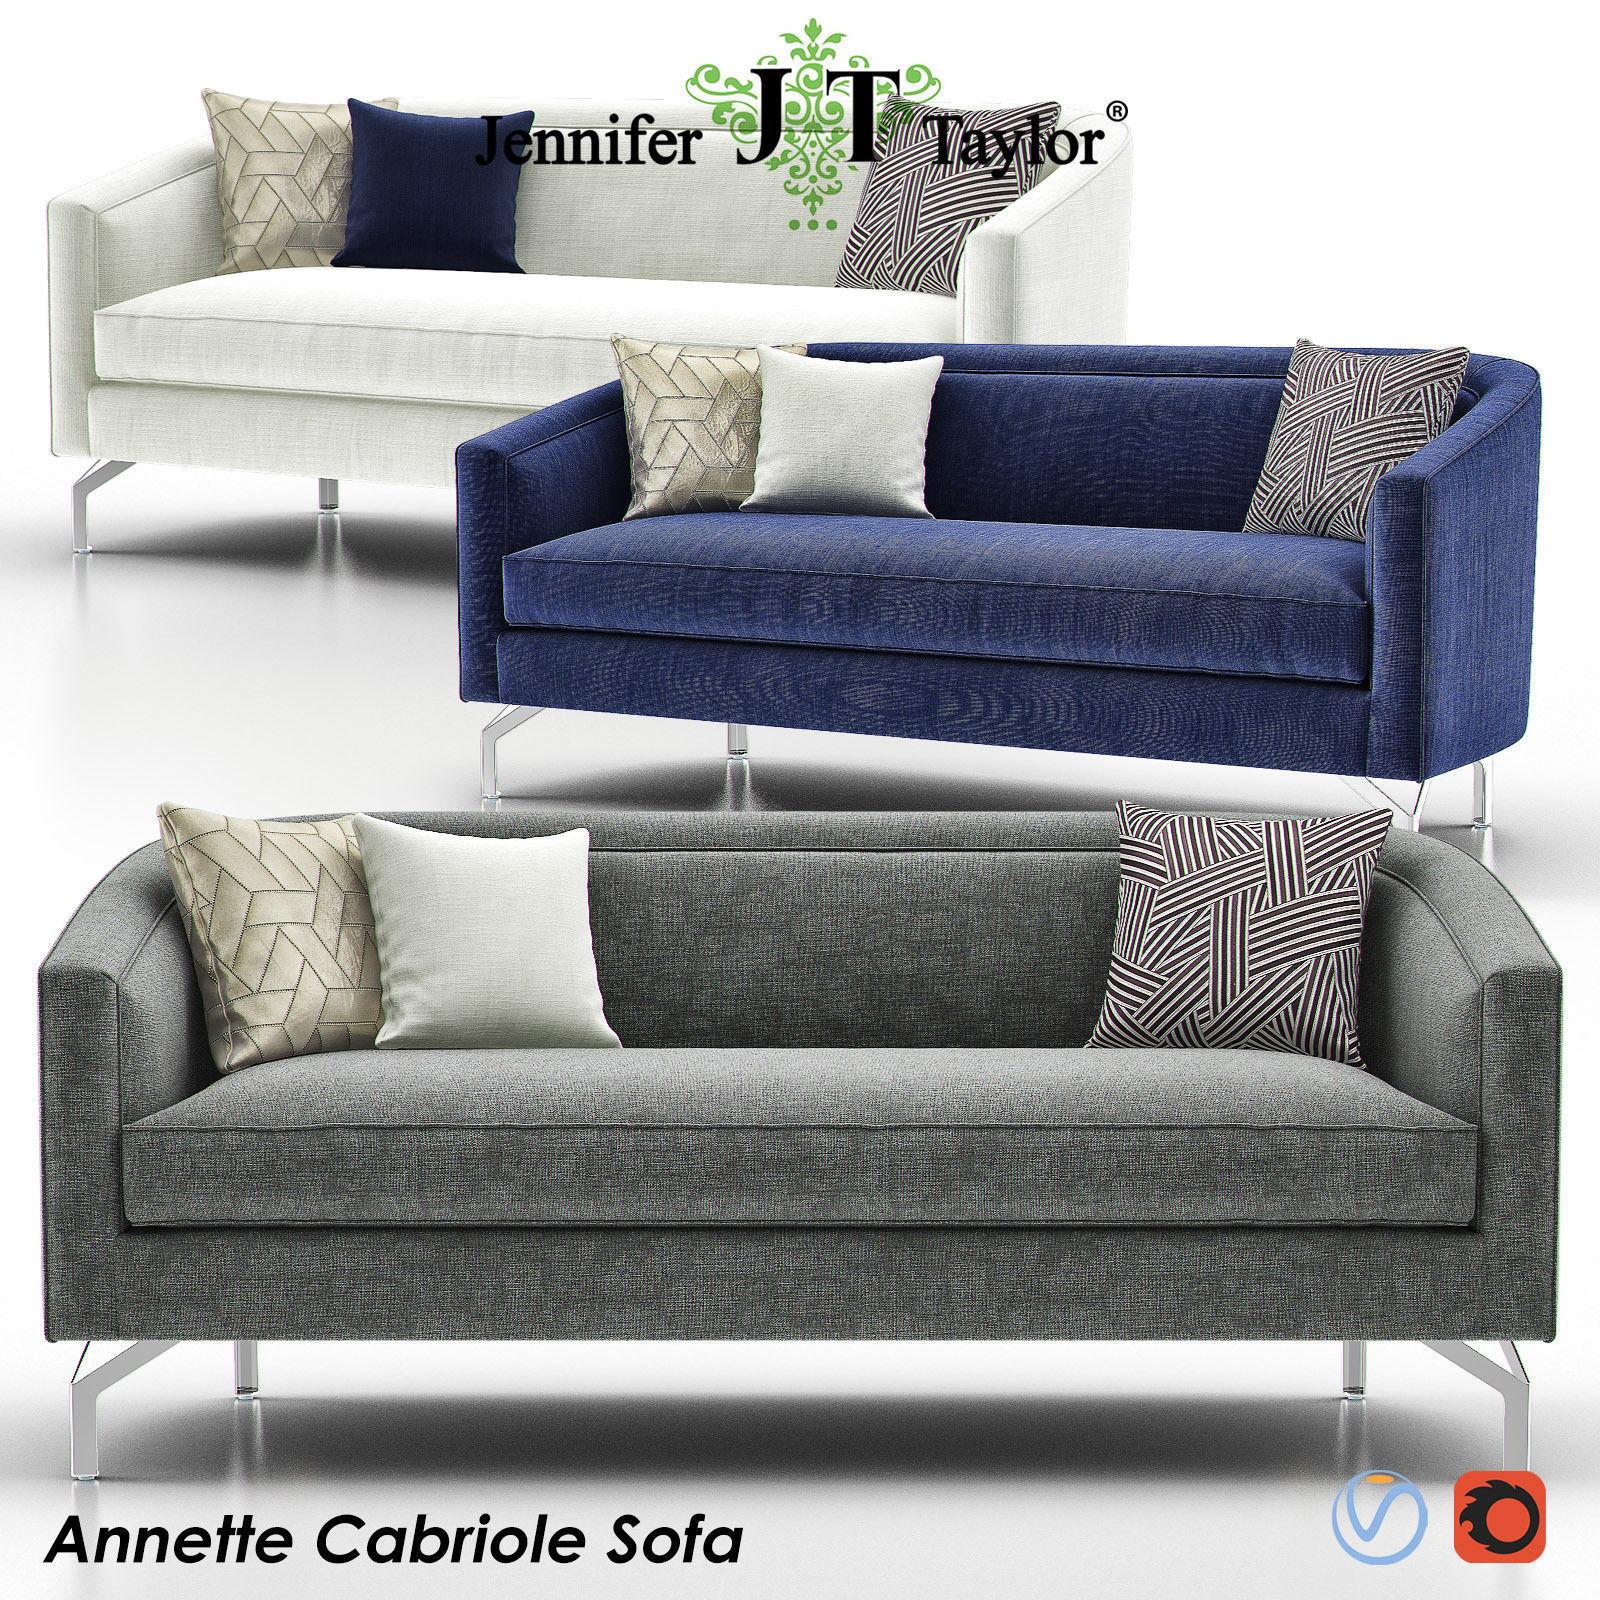 ANNETTE CABRIOLE Sofa